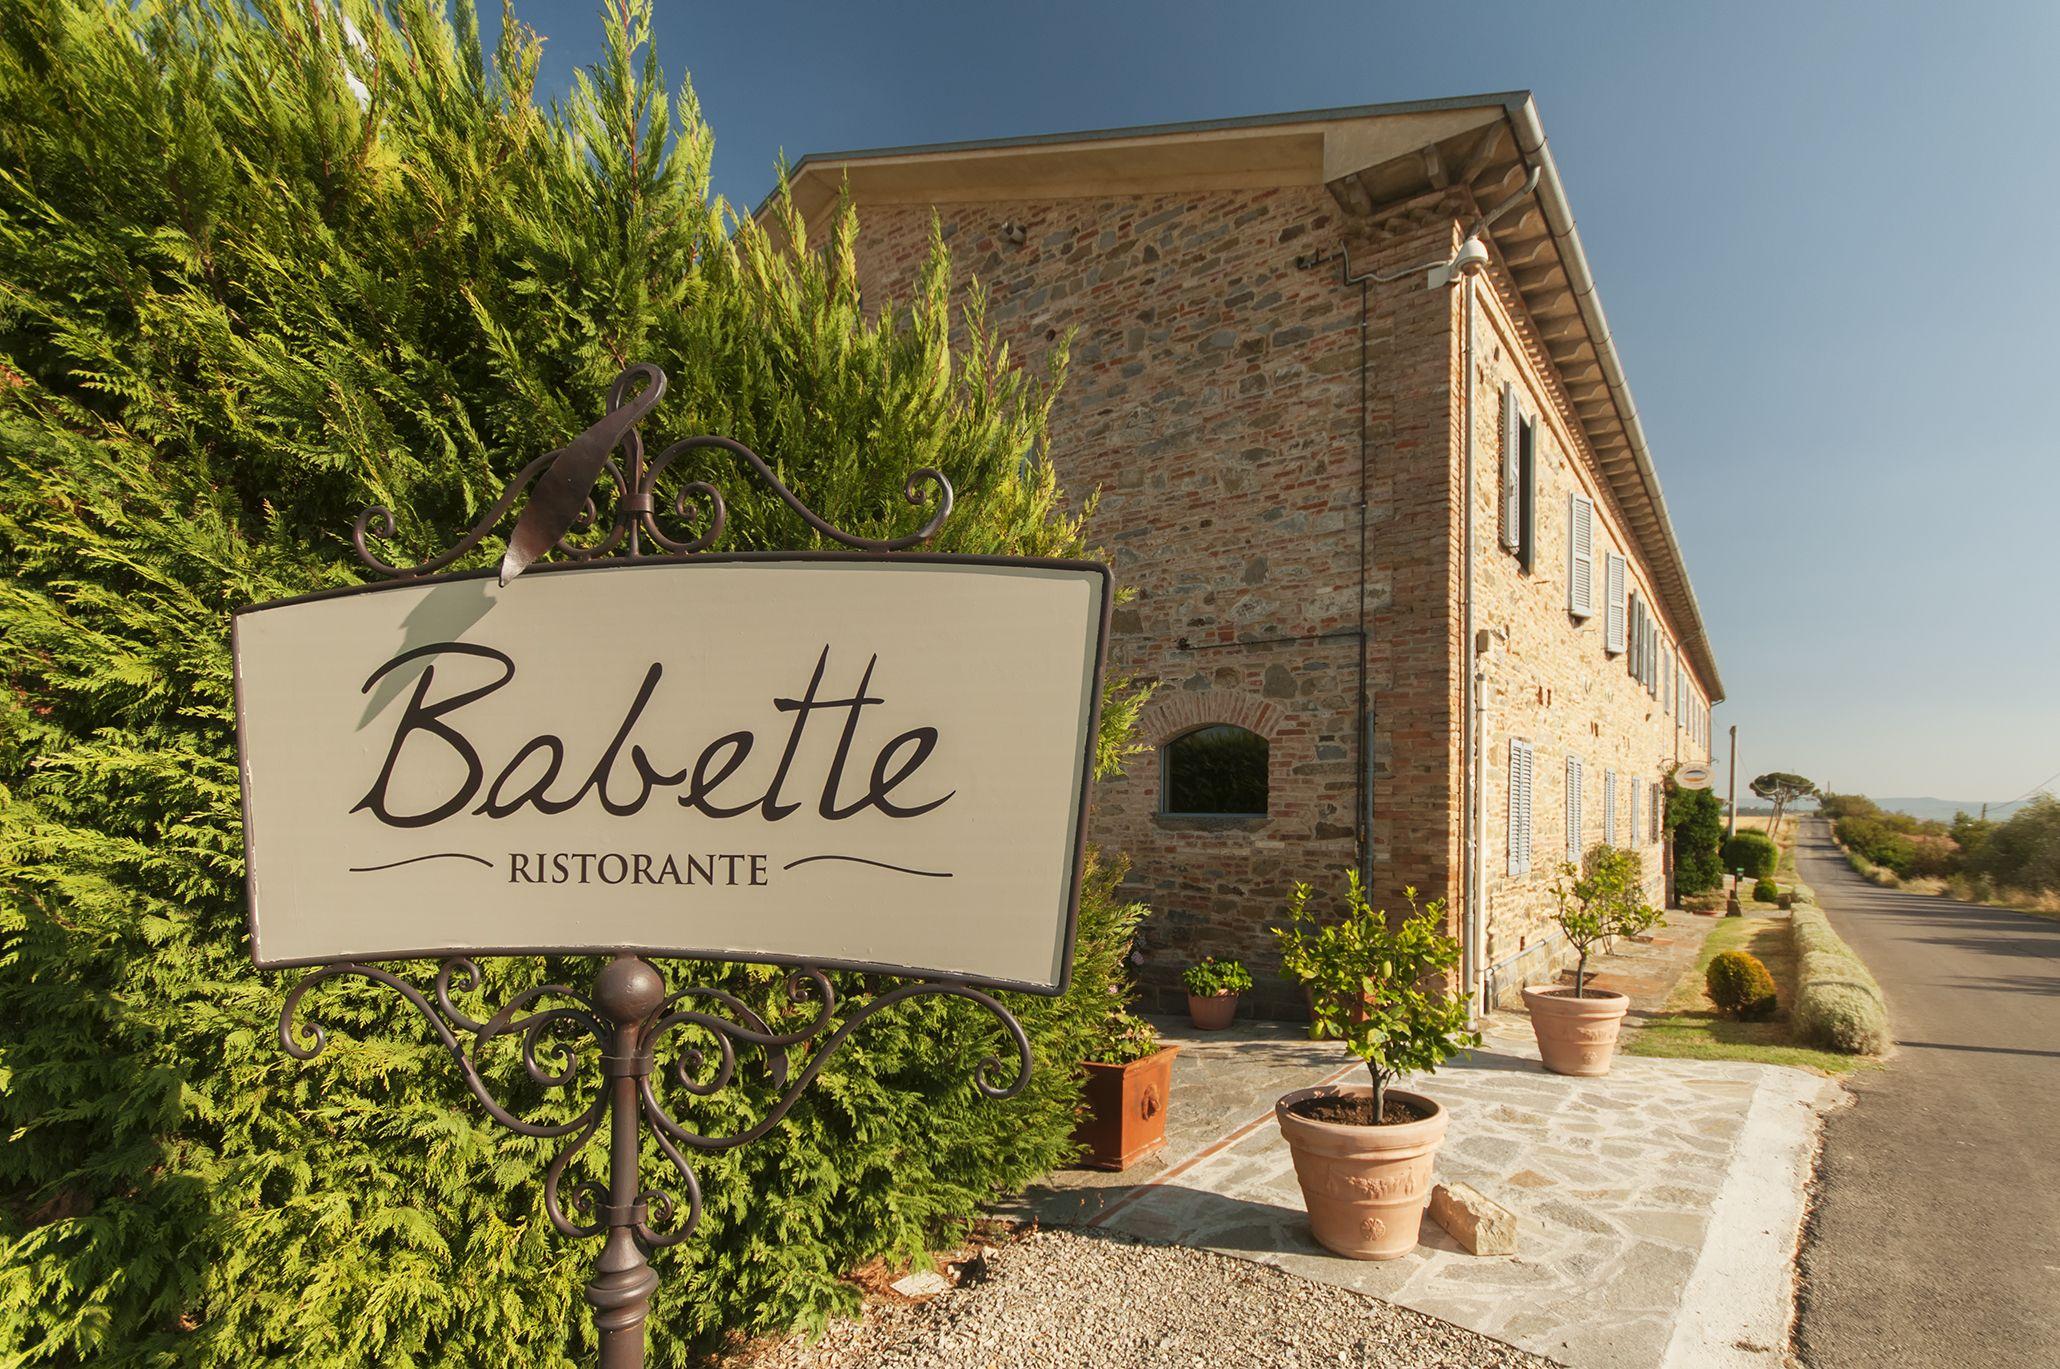 #food #restaurant #Tuscany #Toscana #Italy #Cortona